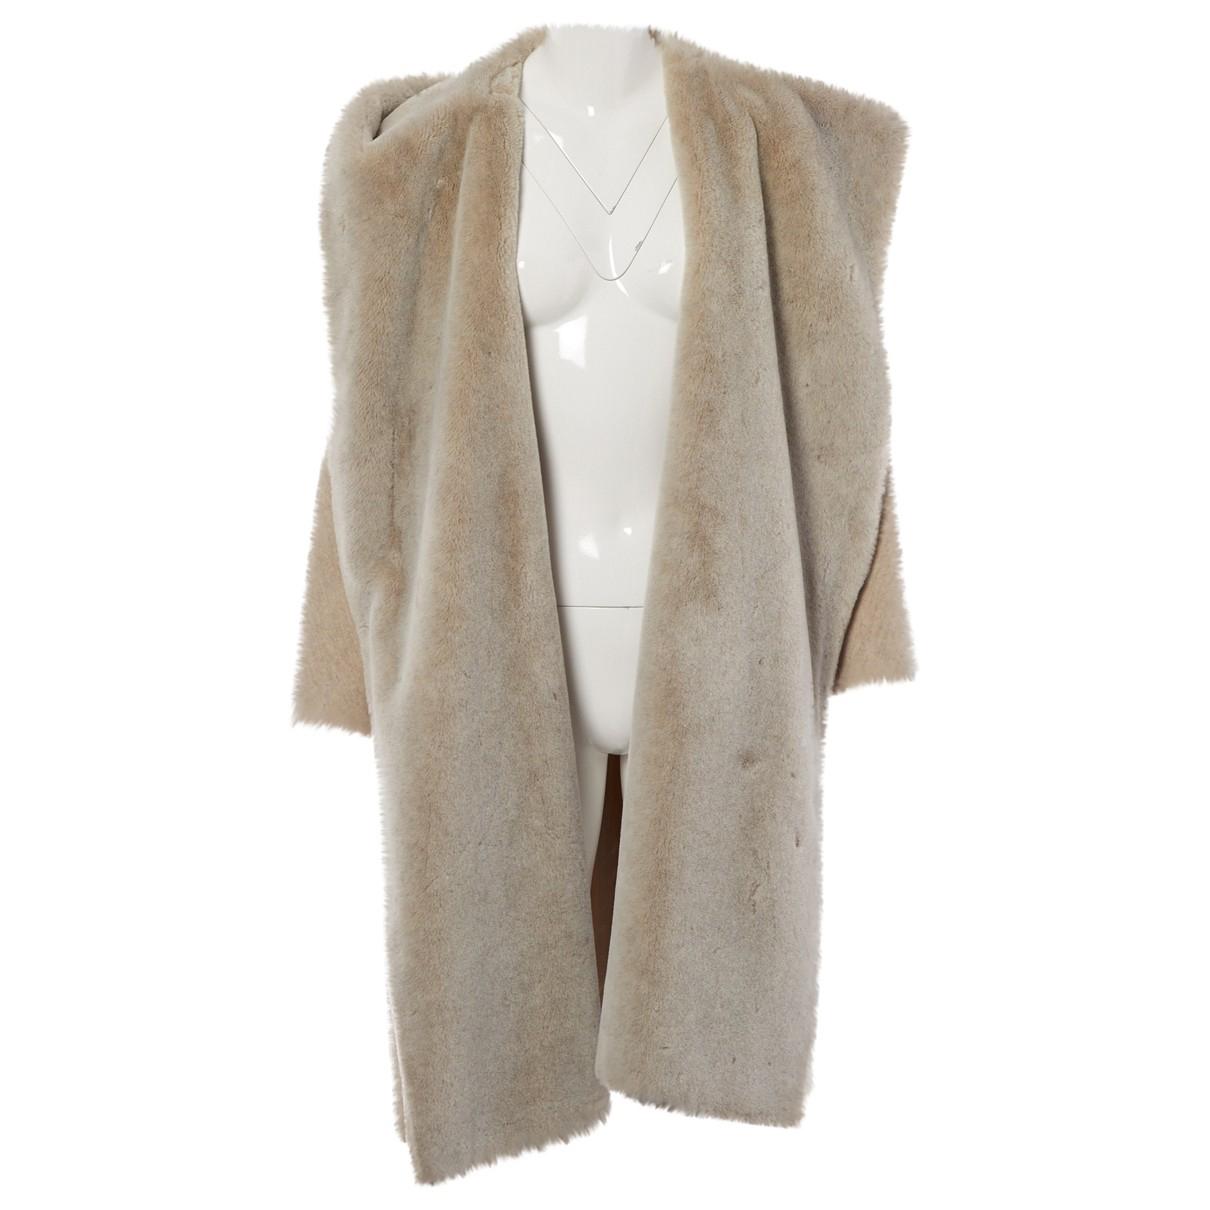 Nicole Farhi \N Grey Wool coat for Women 38 FR